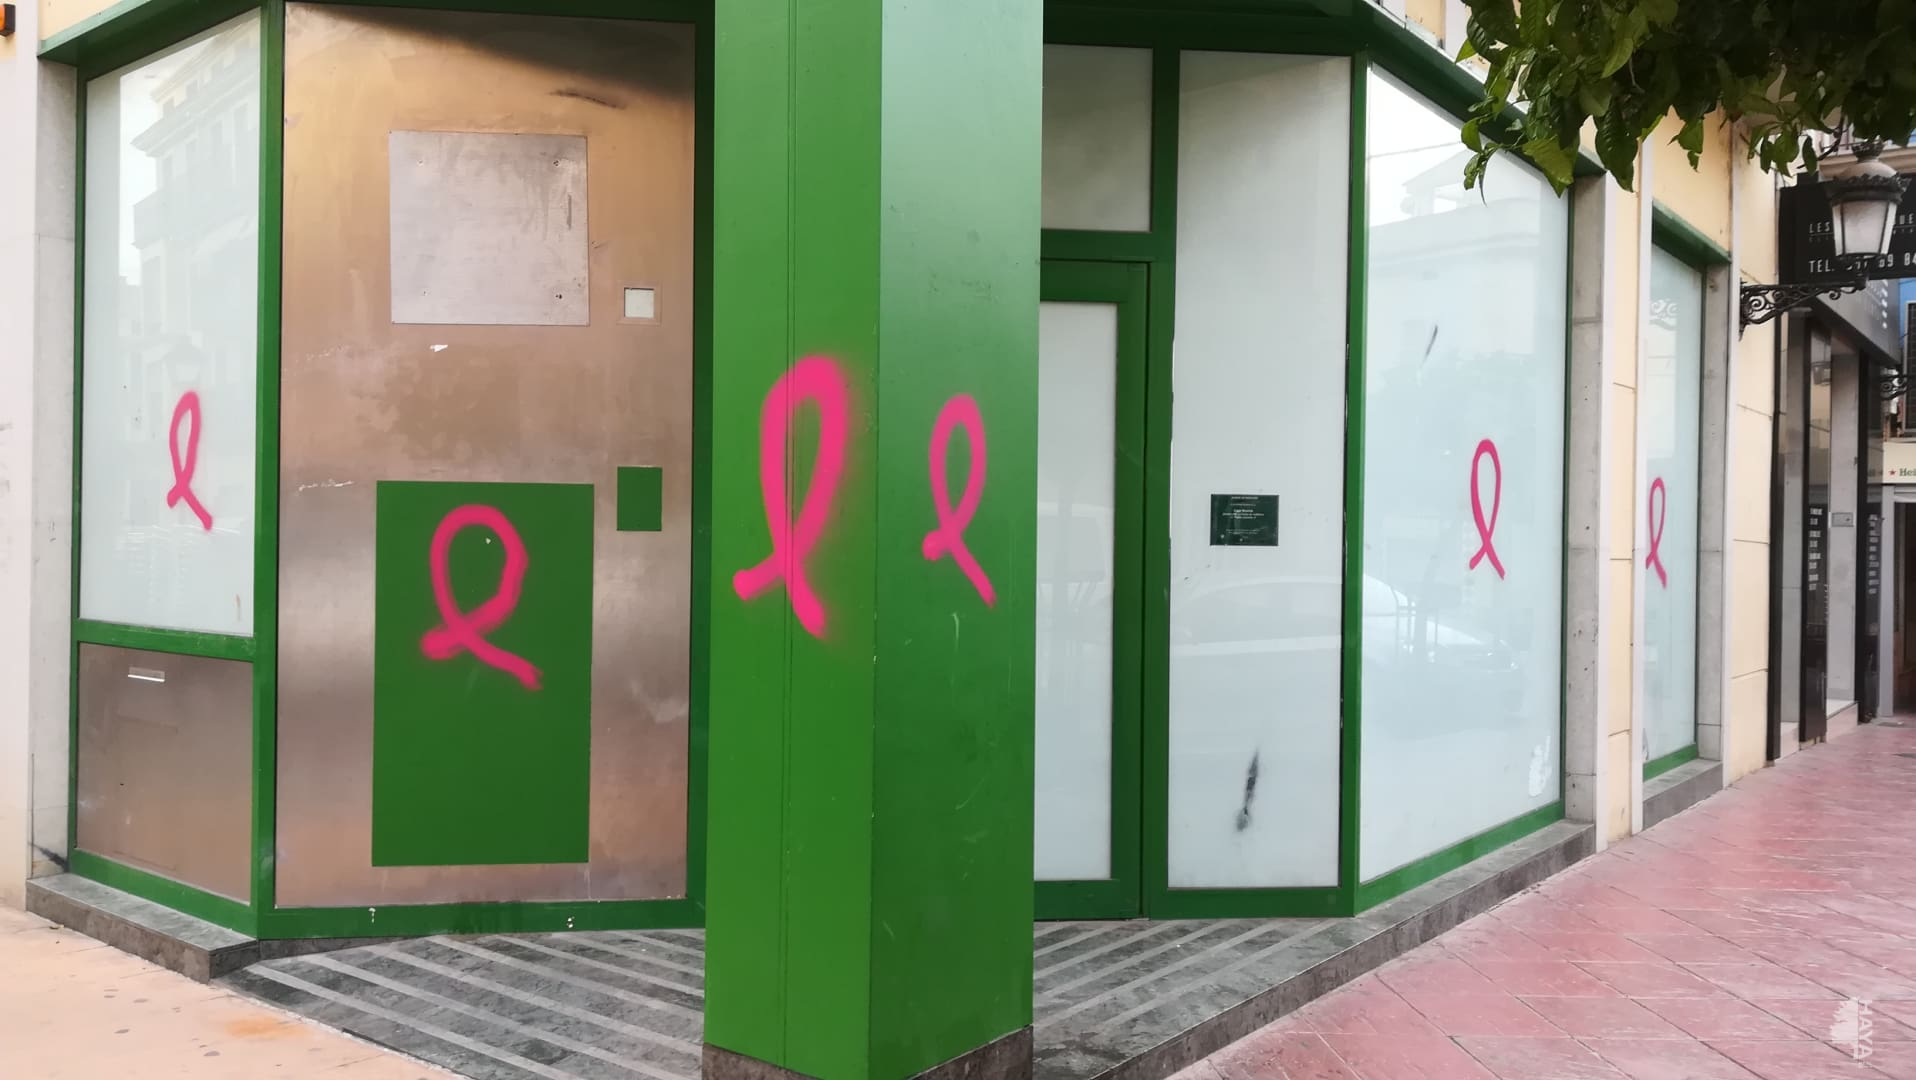 Locale commerciale in Centro. Local en venta en bétera (valencia) alfabegues el bulevar